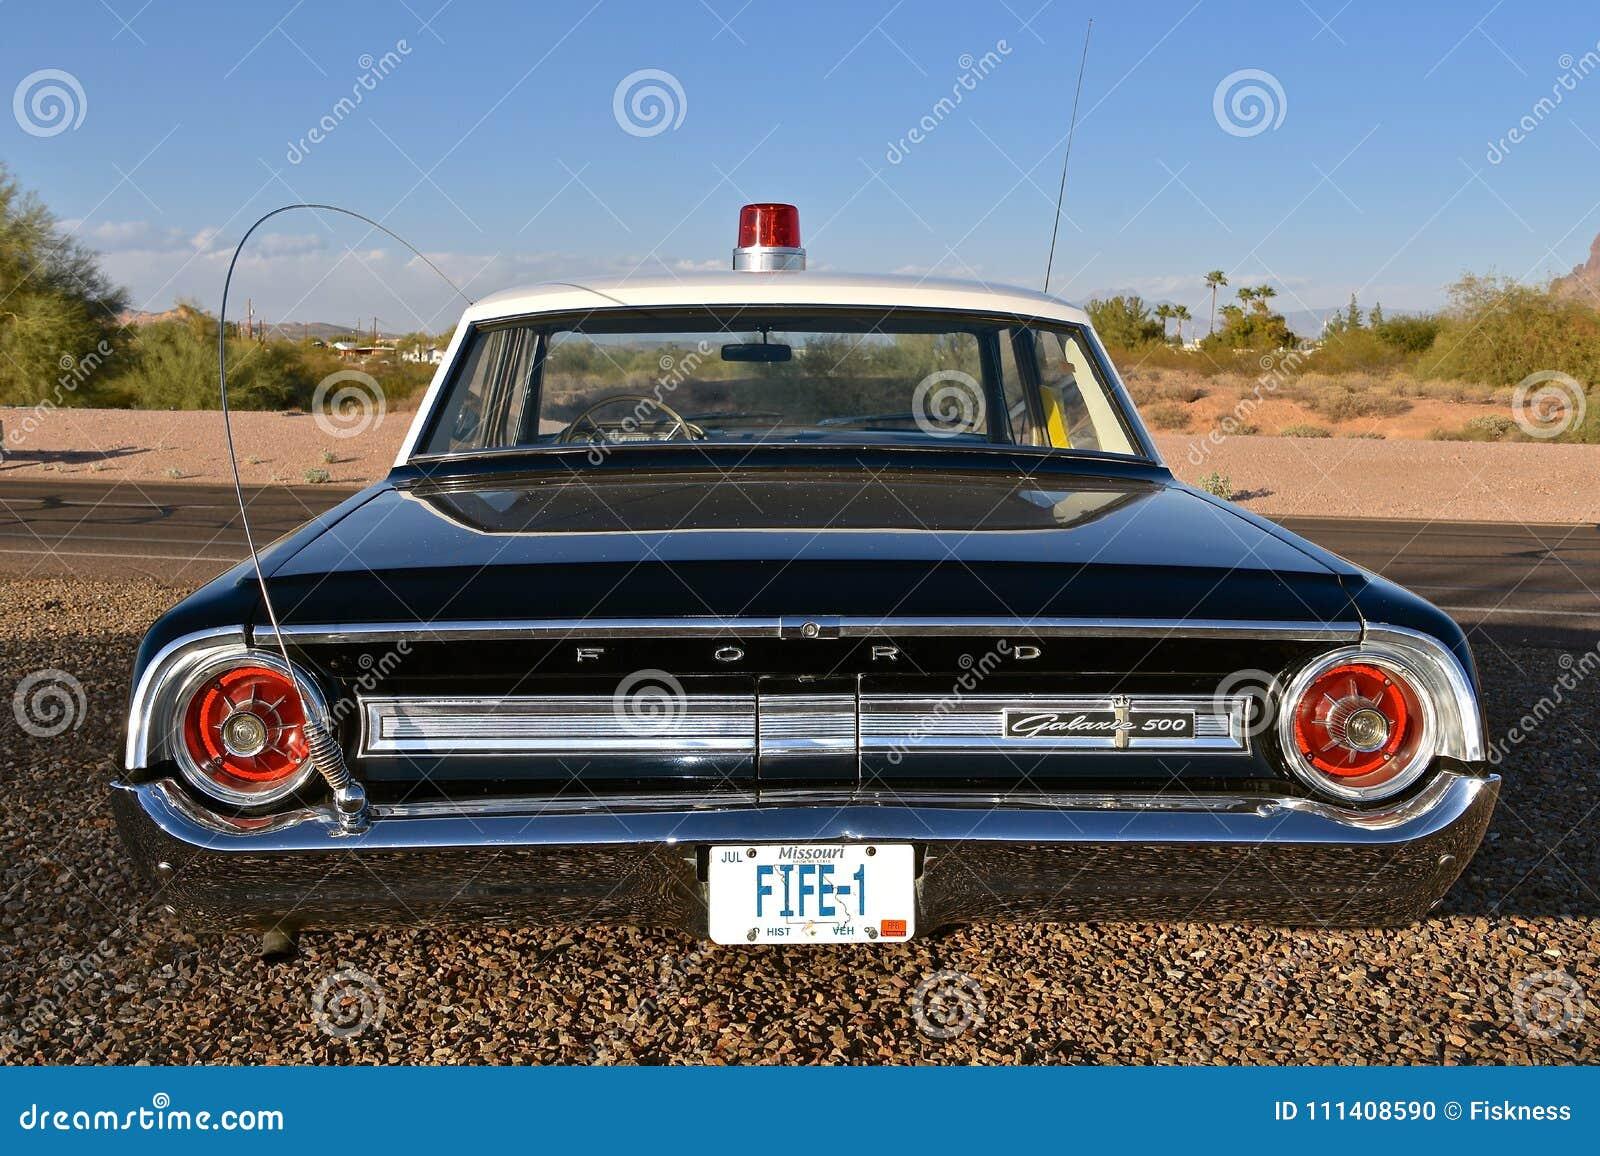 Barney Fife Deputy Ford Car